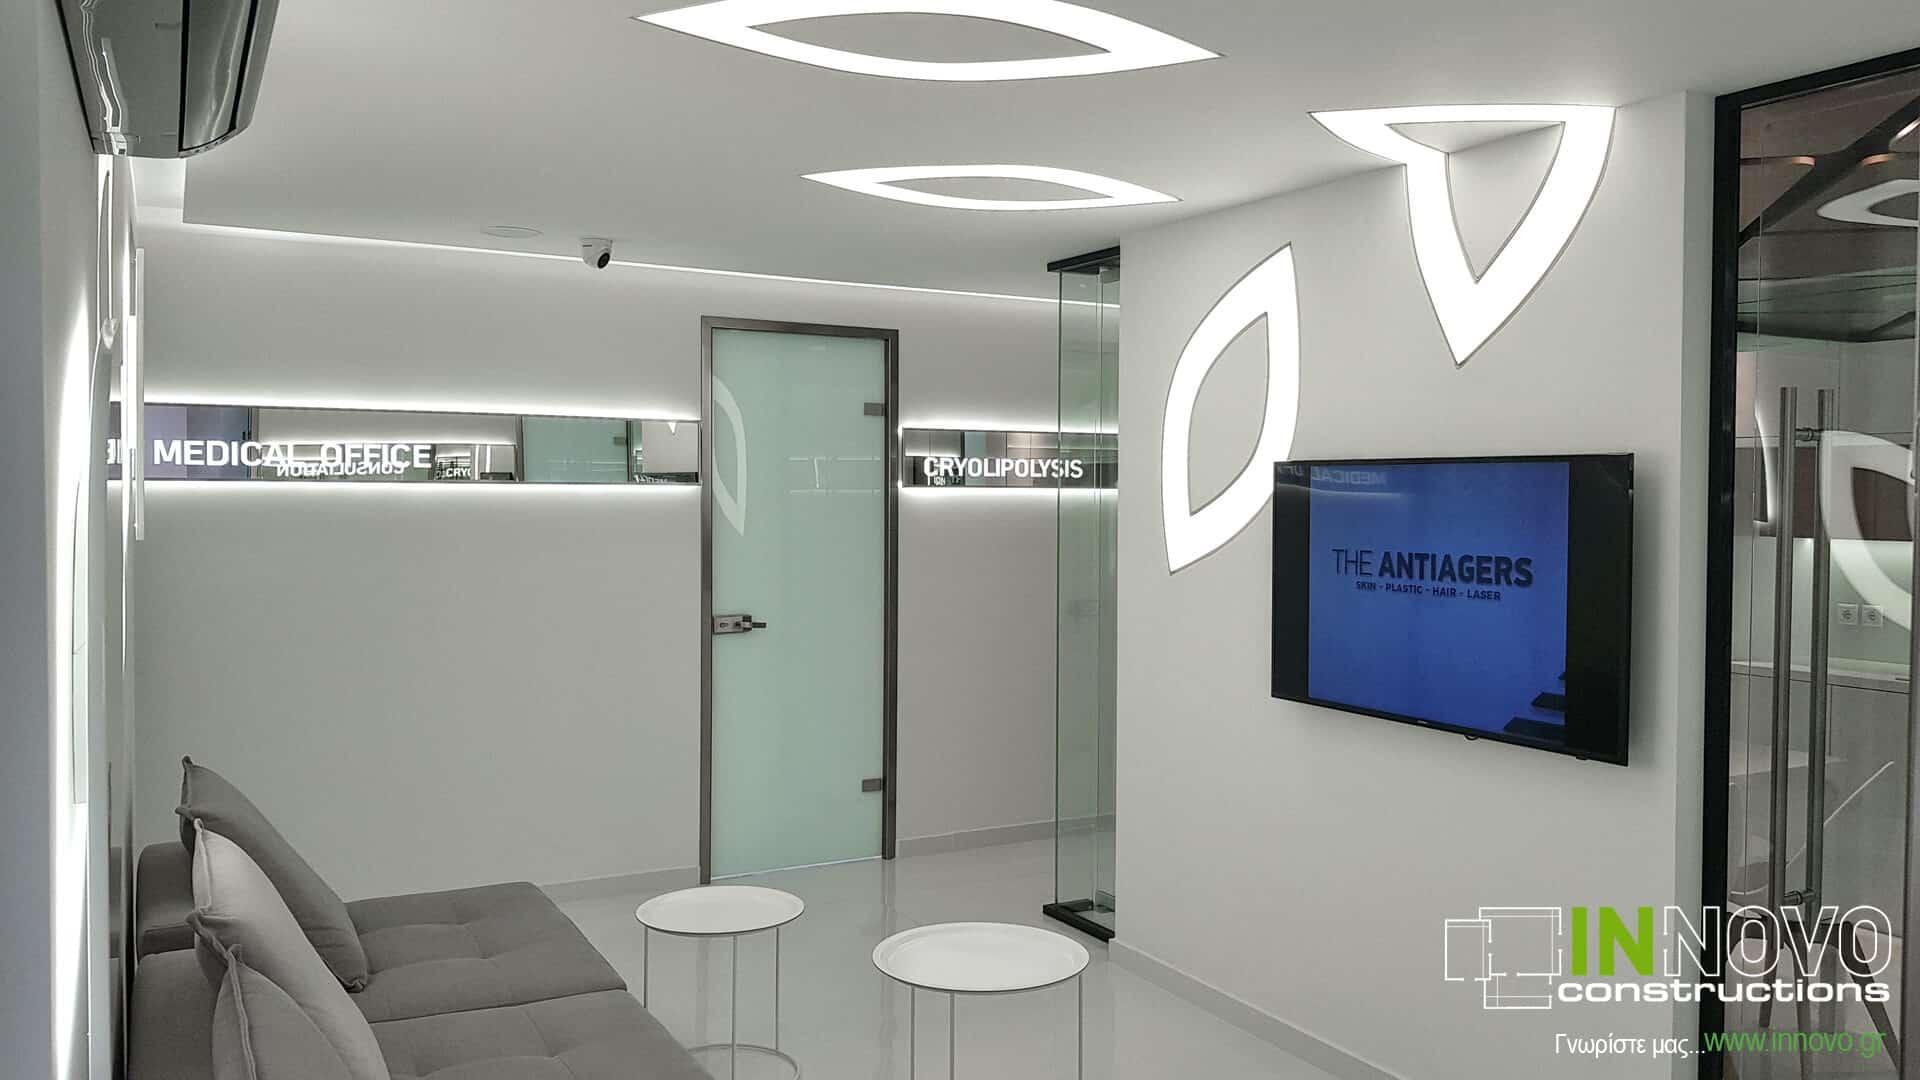 Από την Innovo Constructions κατασκευή διακόσμησης Ιατρείου Πλαστικής